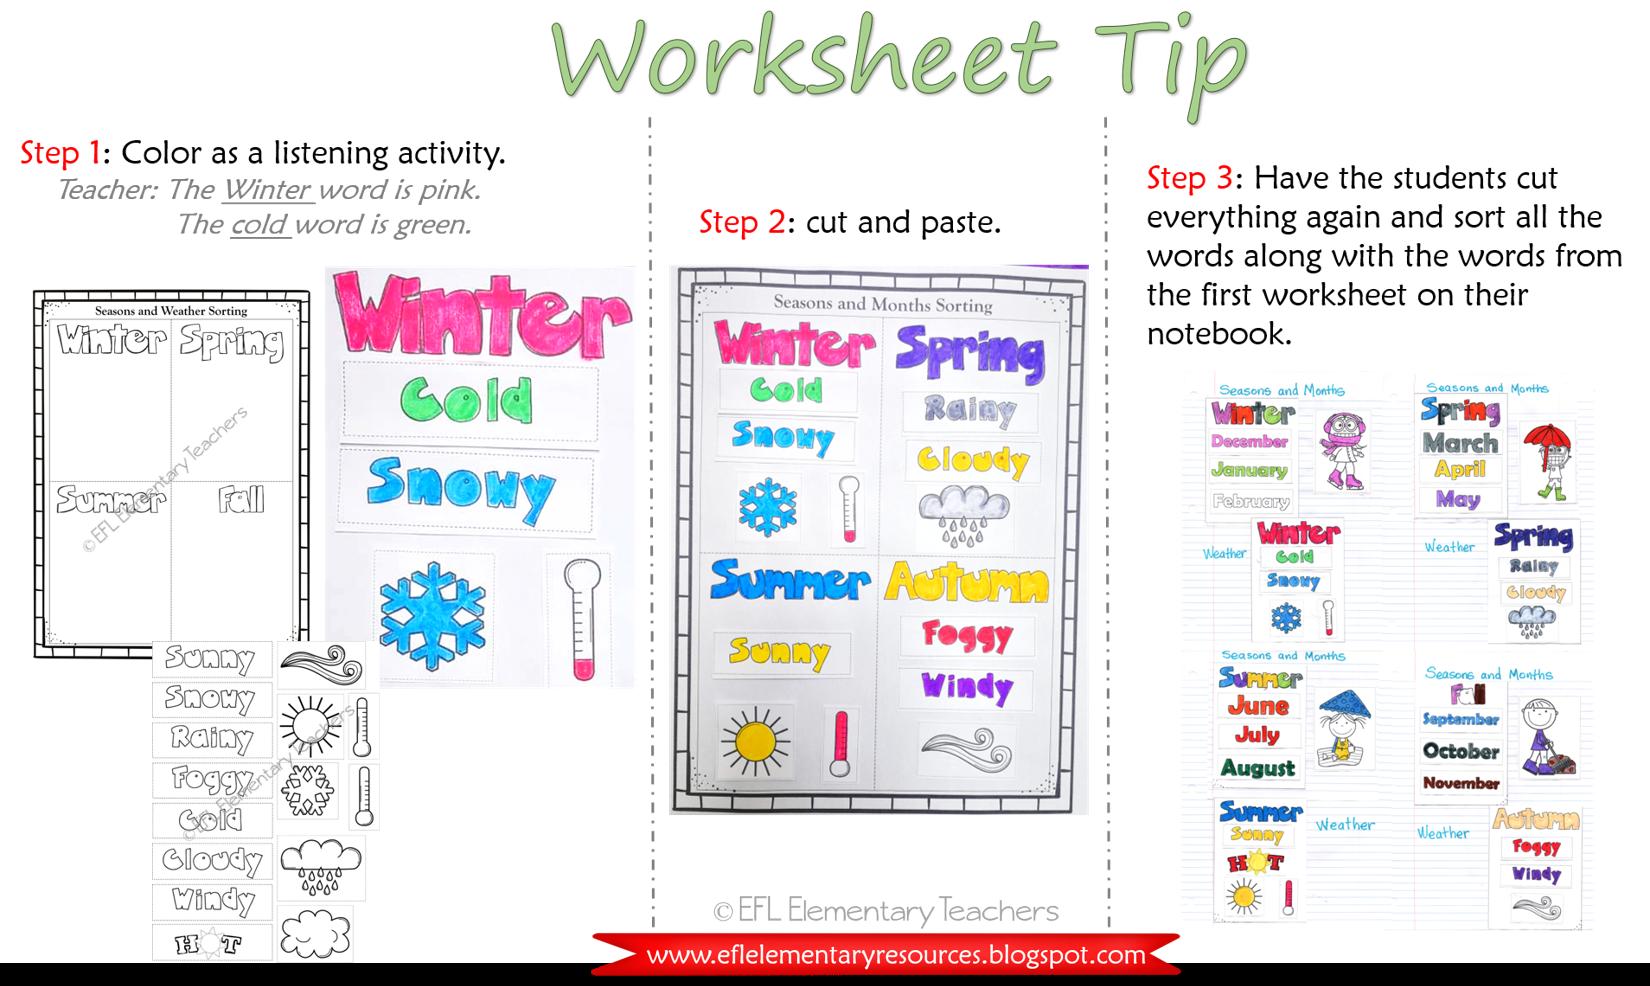 Efl Elementary Teachers Worksheet Tips For The Seasons Unit